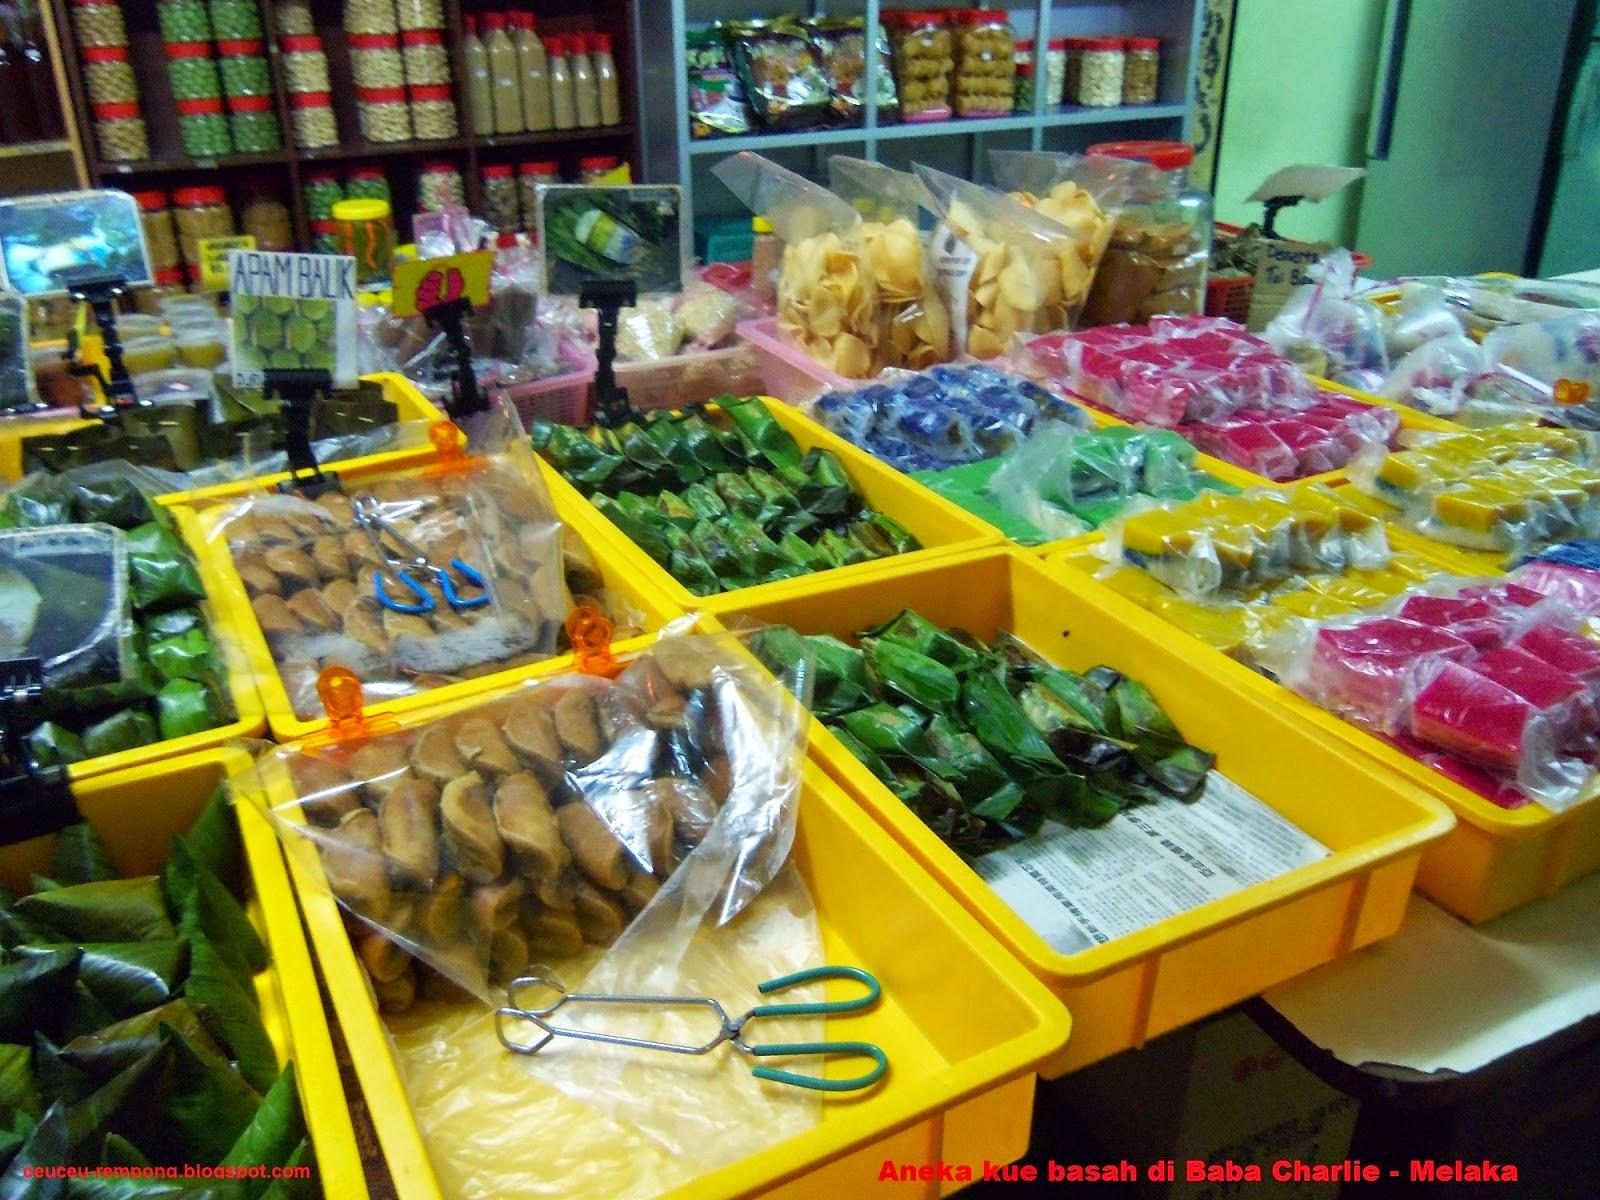 Peluang Bisnis Tanpa Modal Tempat Penitipan Snack